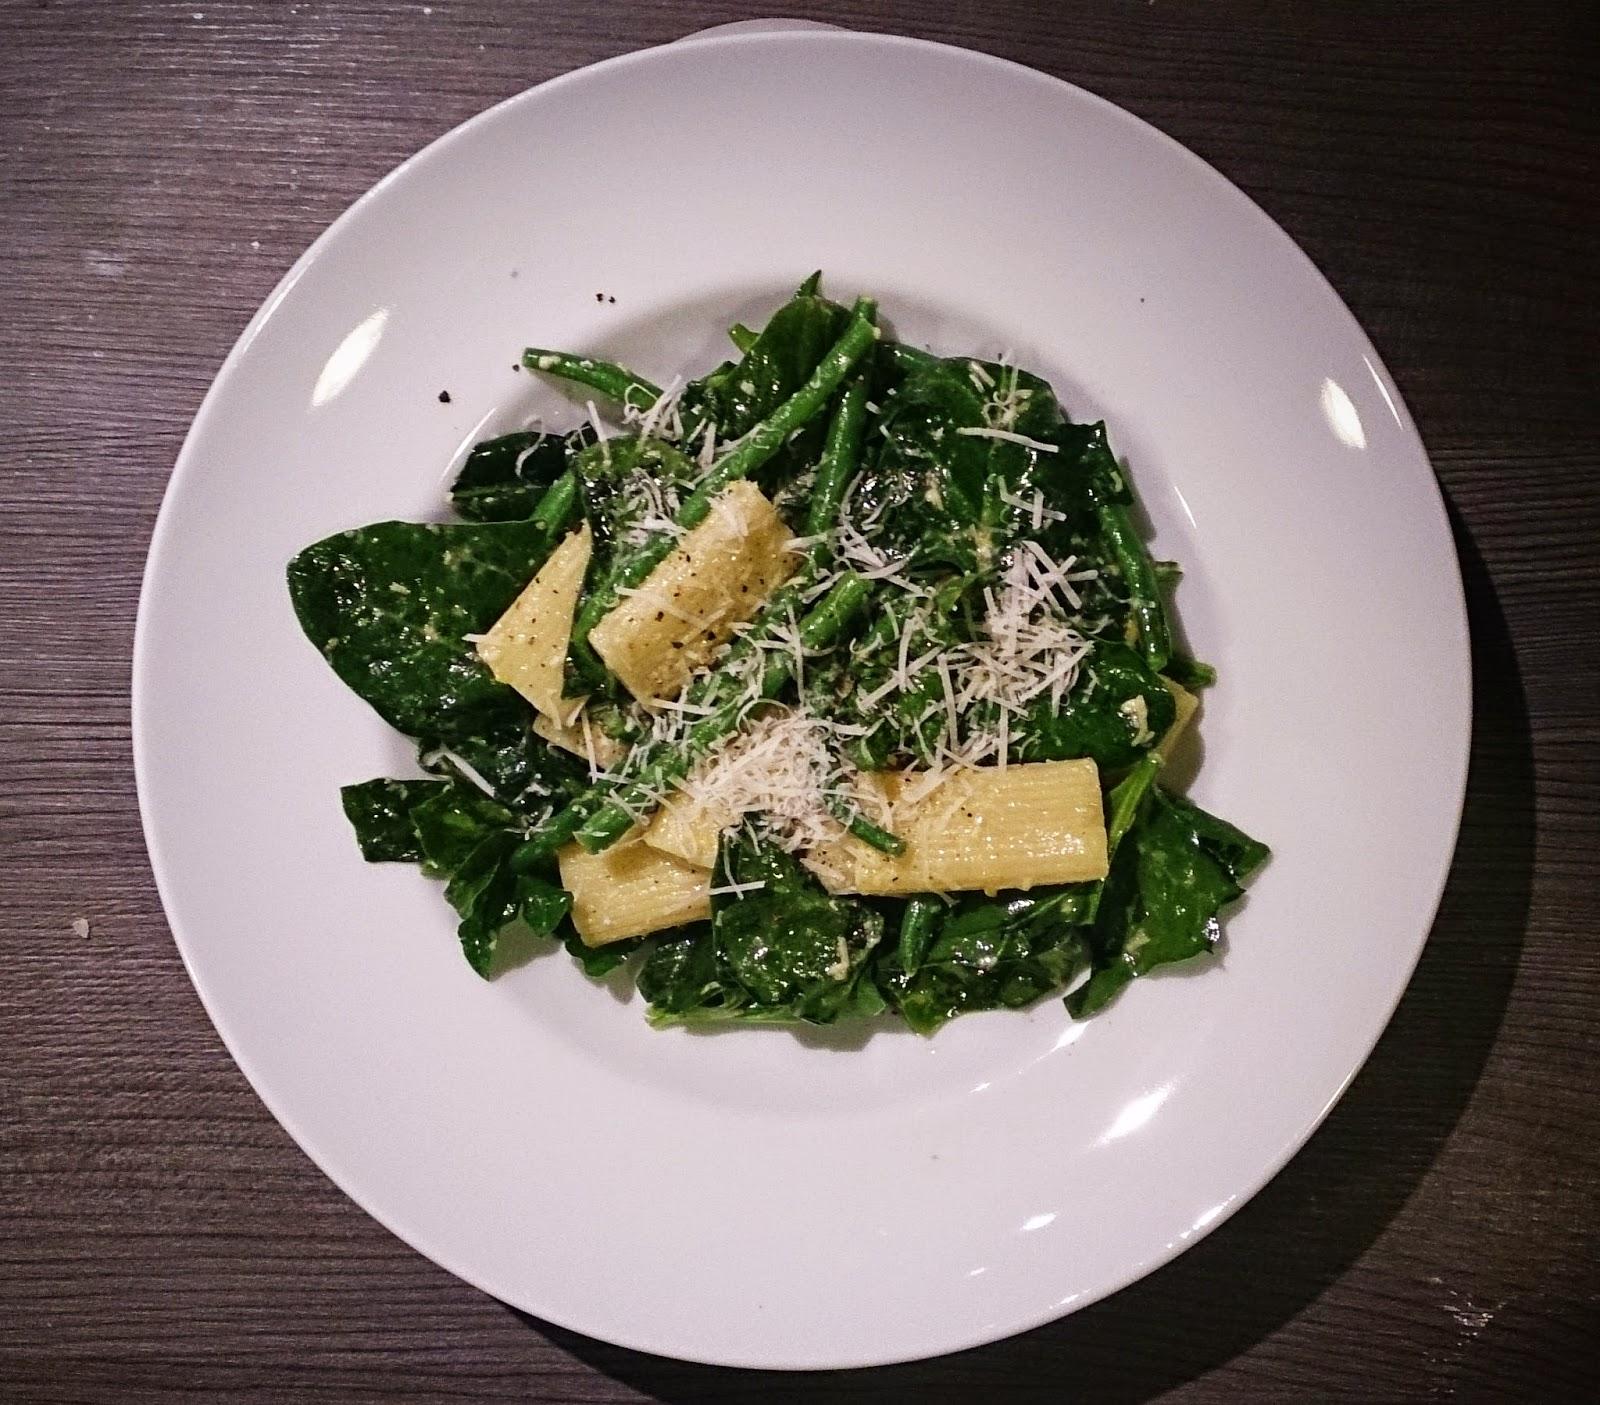 schnelles feierabendrezept: lauwarmer nudelsalat mit babyspinat und grünen bohnen